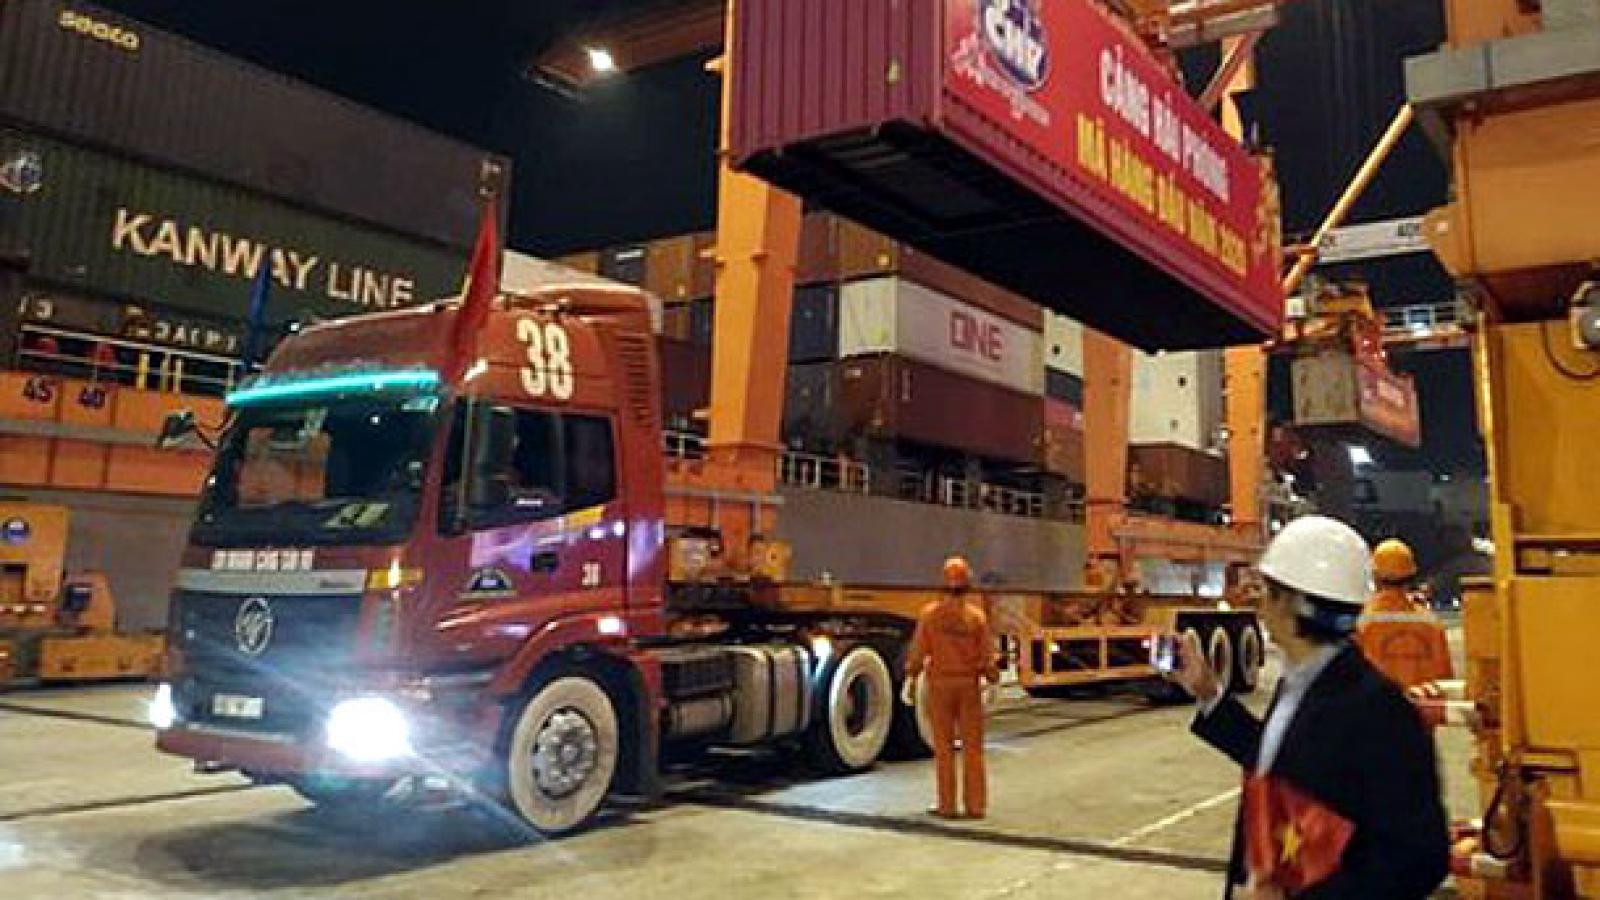 Hải Phòng cần tạo thuận lợi cho DN sản xuất, xuất nhập khẩu, logistics